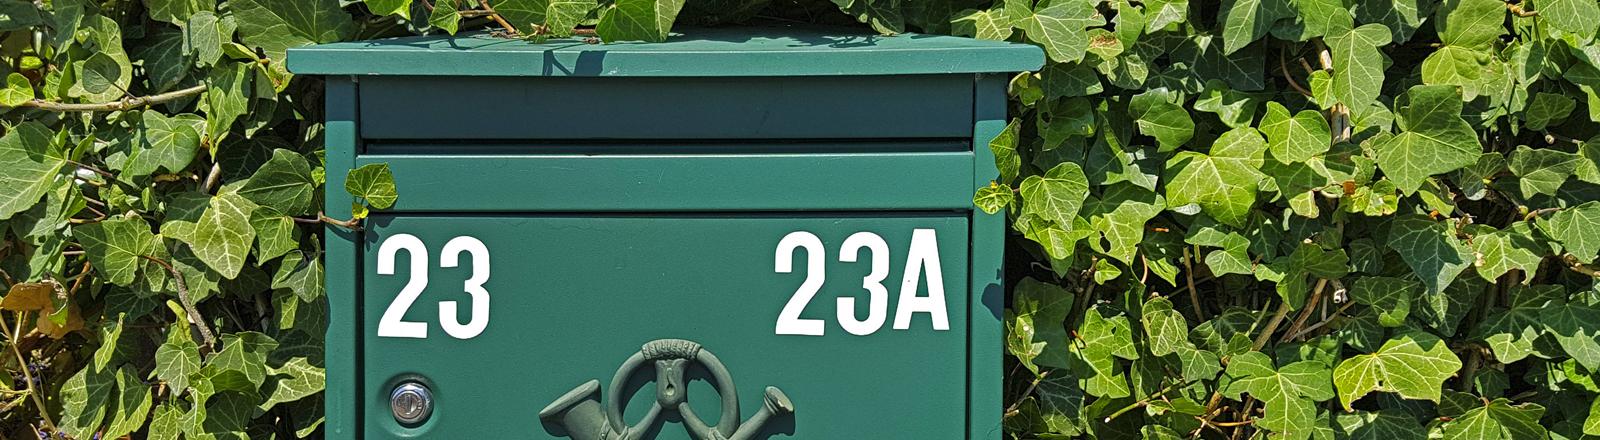 """Hausnummern """"23"""" und """"23A"""" auf einem Briefkasten"""